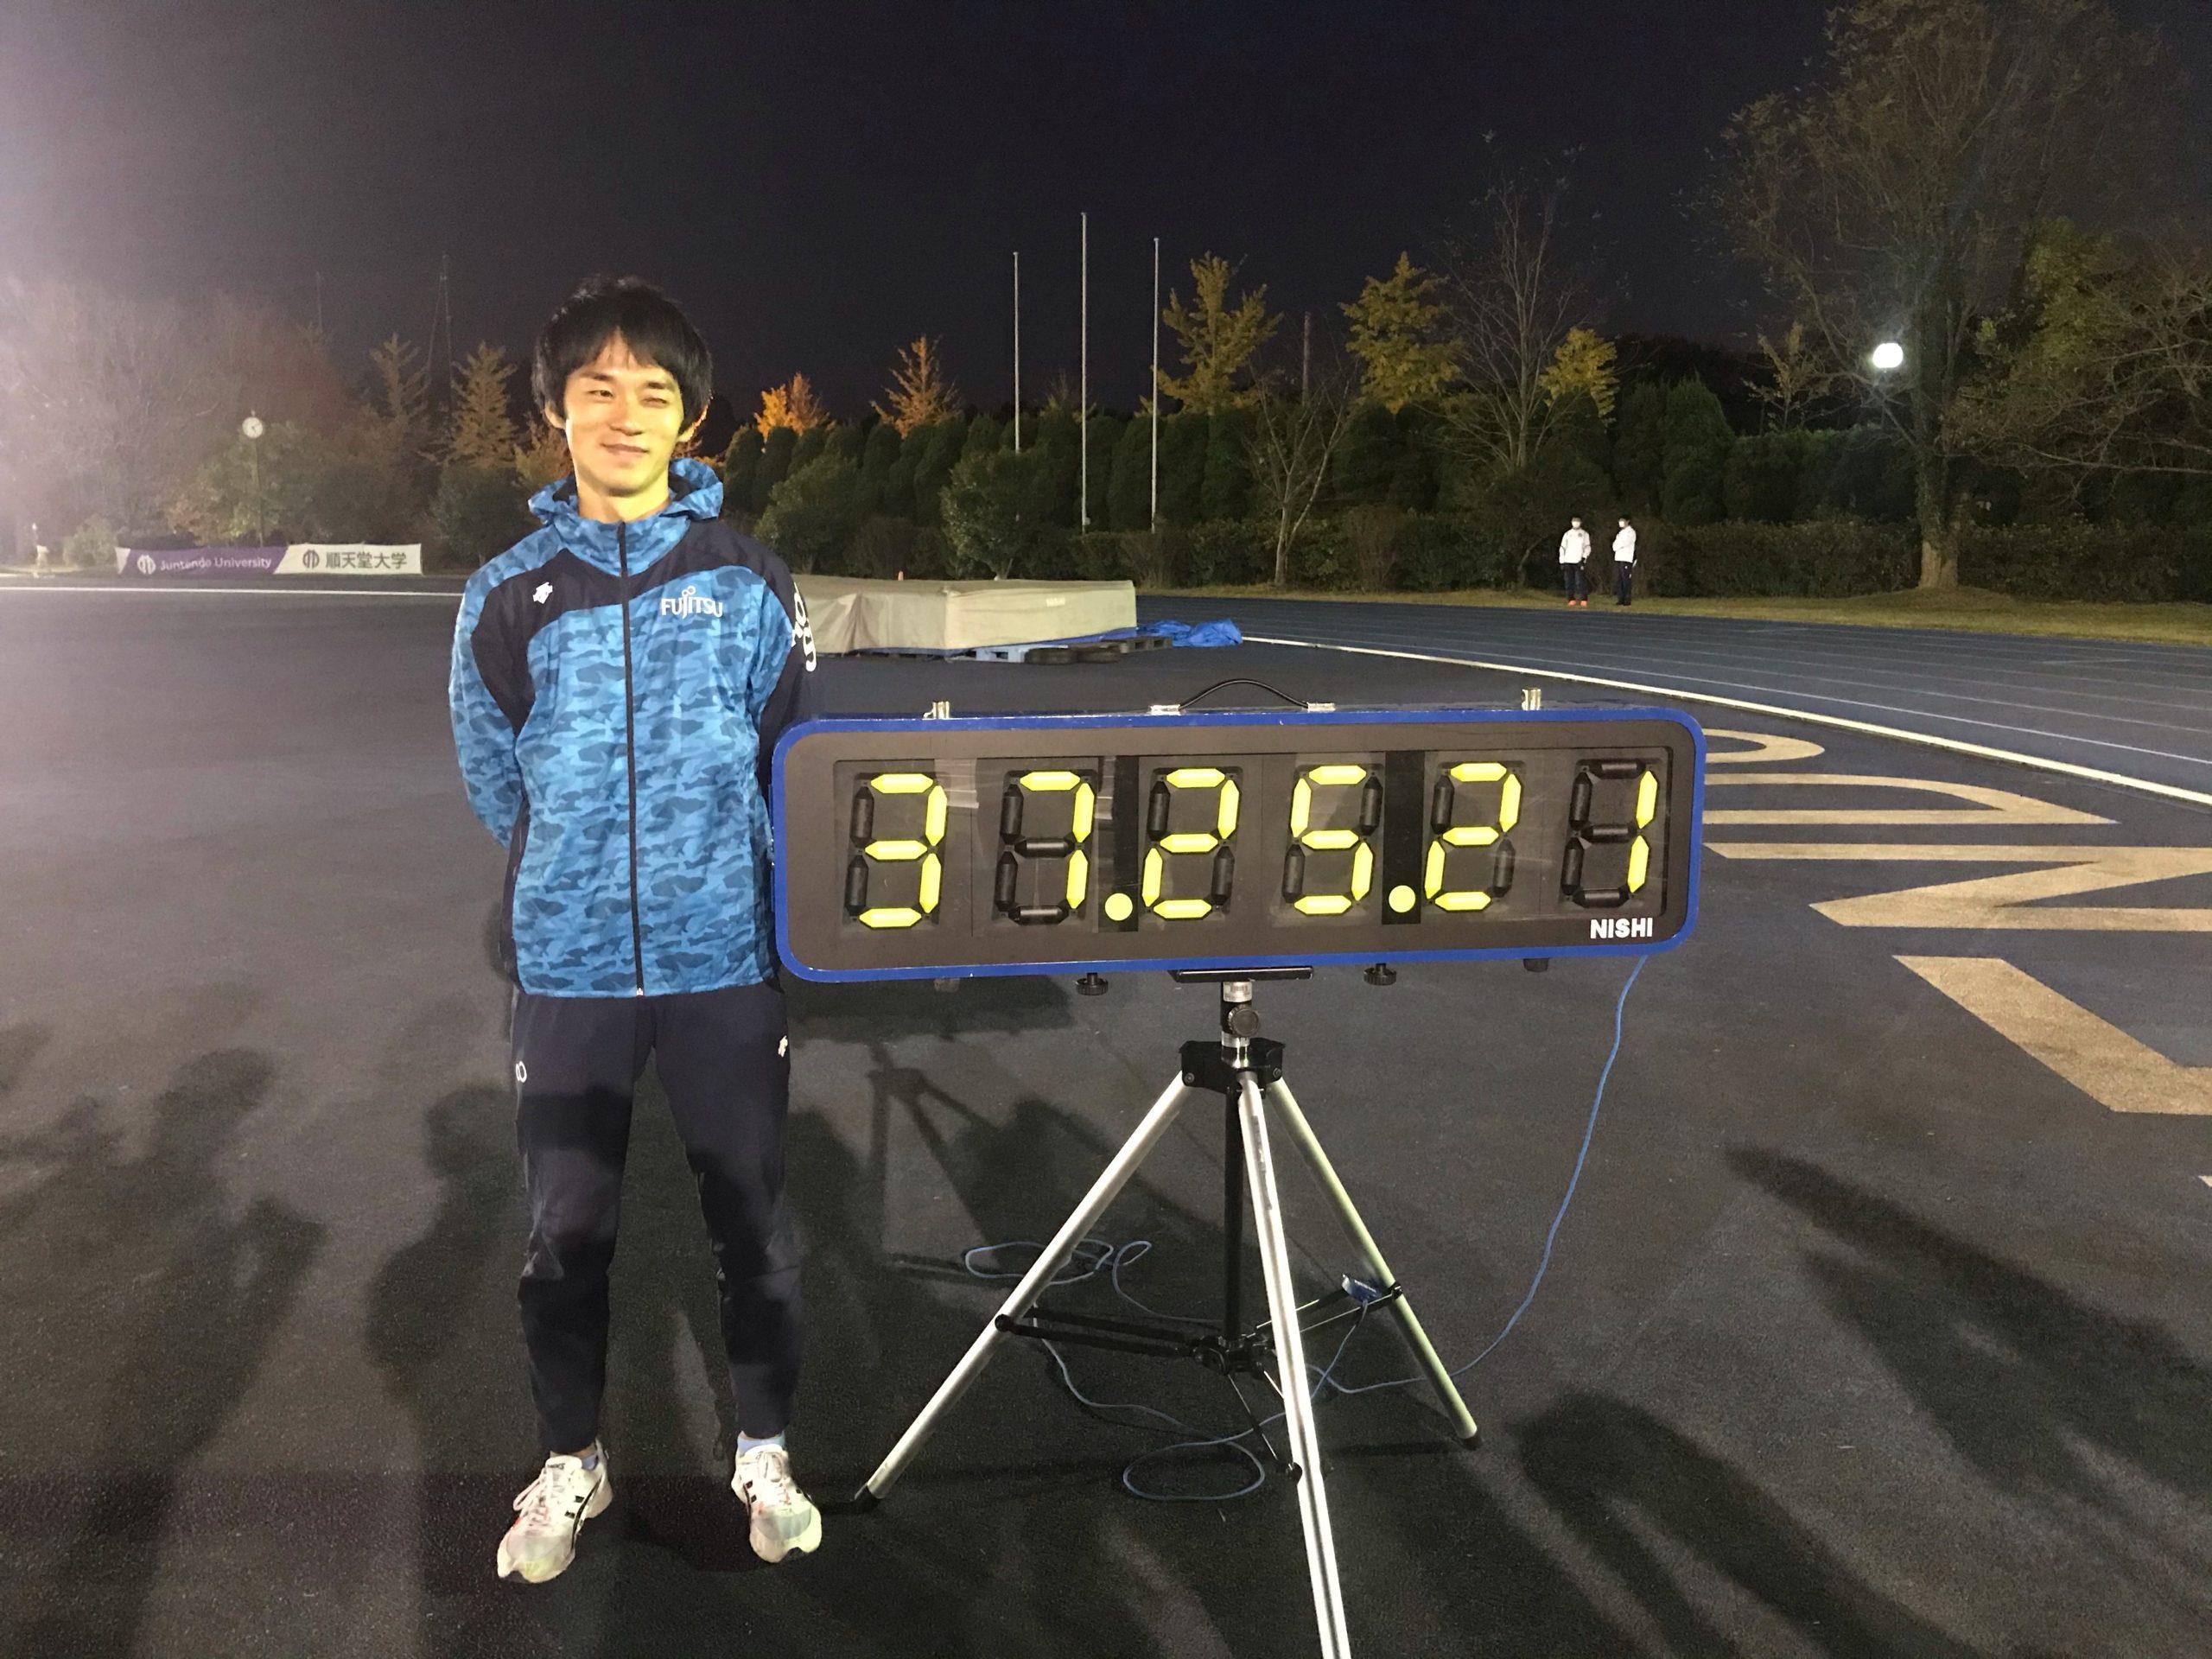 【競歩】東京五輪代表・高橋英輝が10000m競歩で37分25秒21世界最高記録を上回る